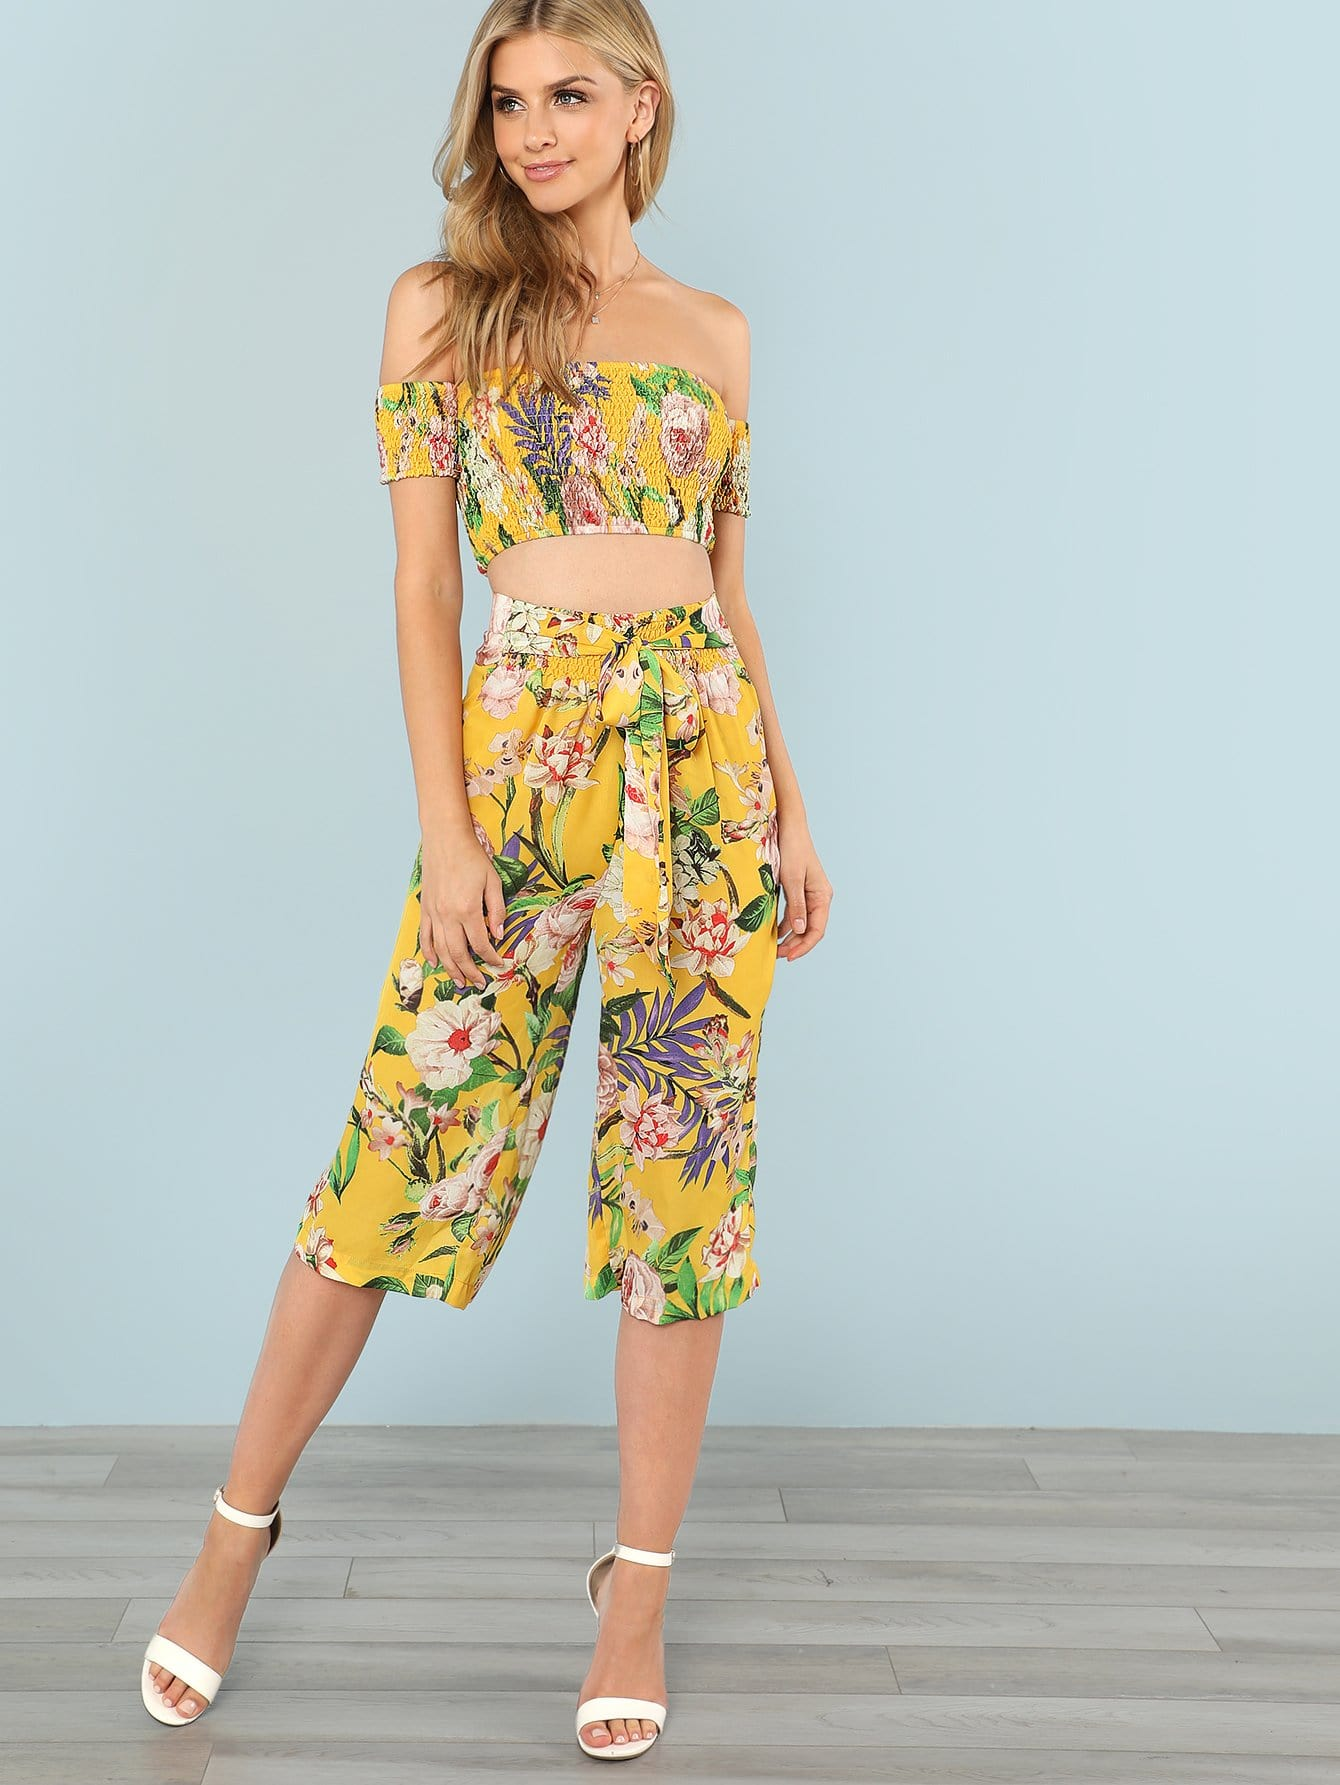 Floral Print Bardot Crop Top & Skirt Set plaid print crop top and skirt set